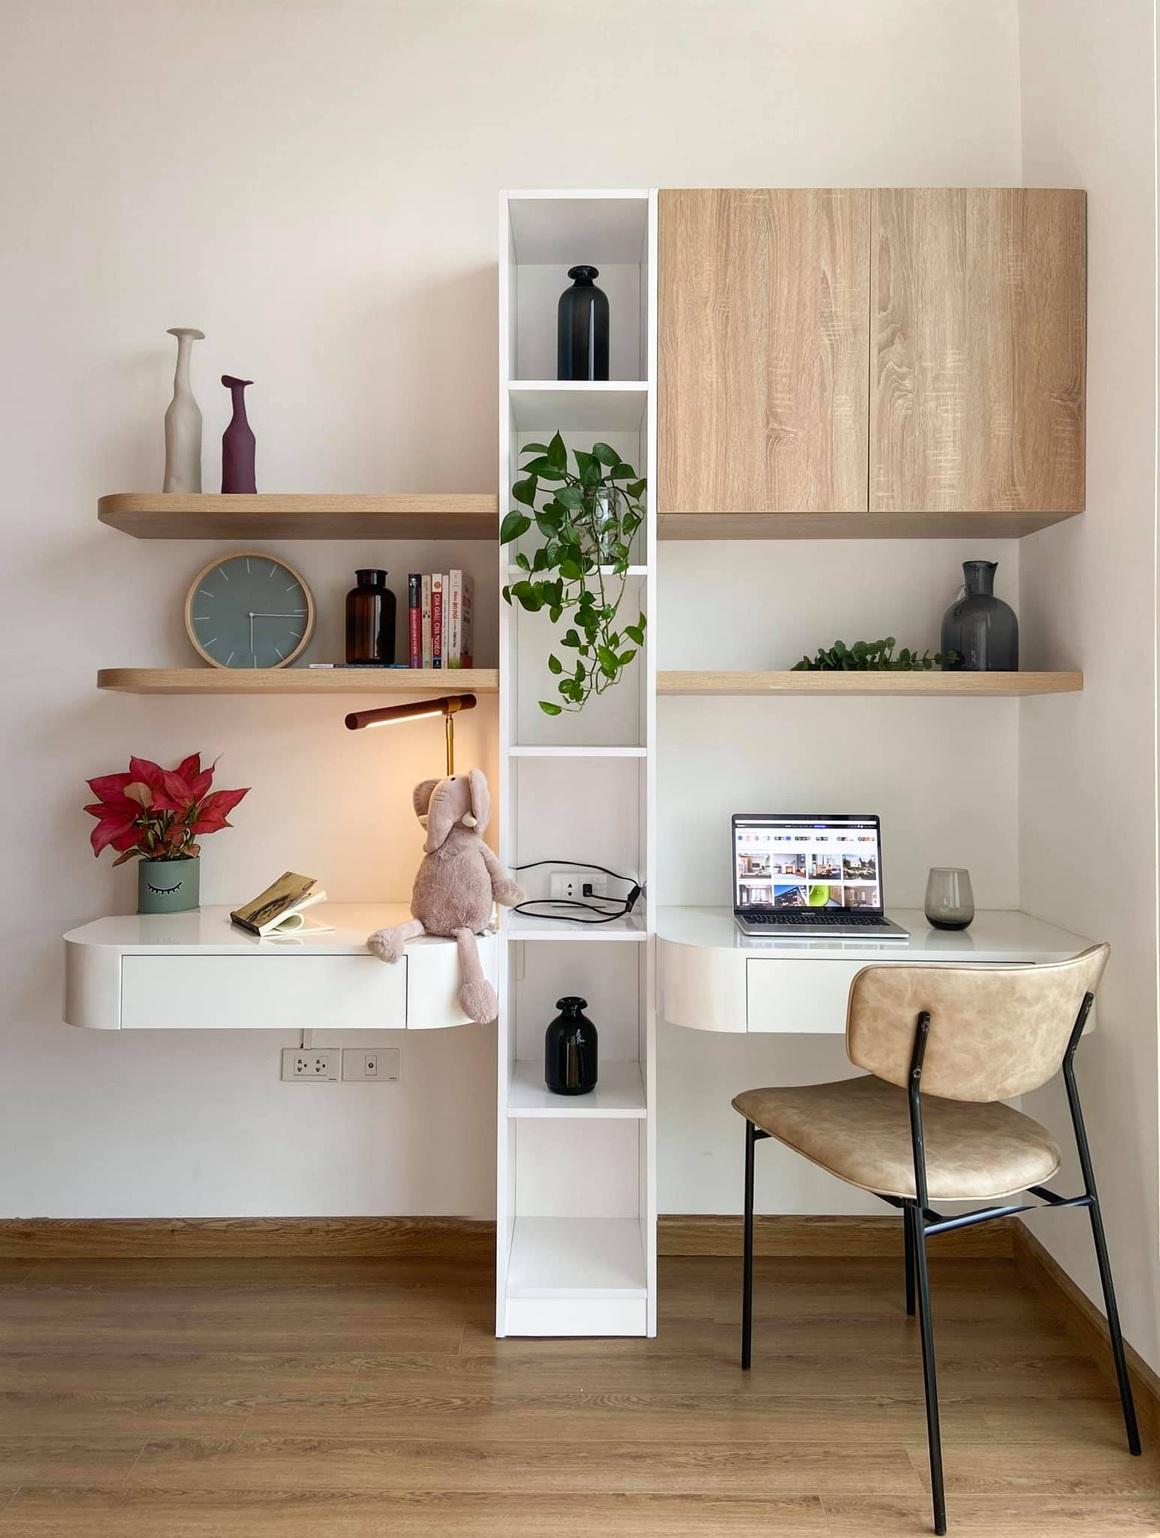 Ngắm căn hộ của gia chủ khó tính: Nội thất đẹp, lạ với tông màu xanh đậm - 17